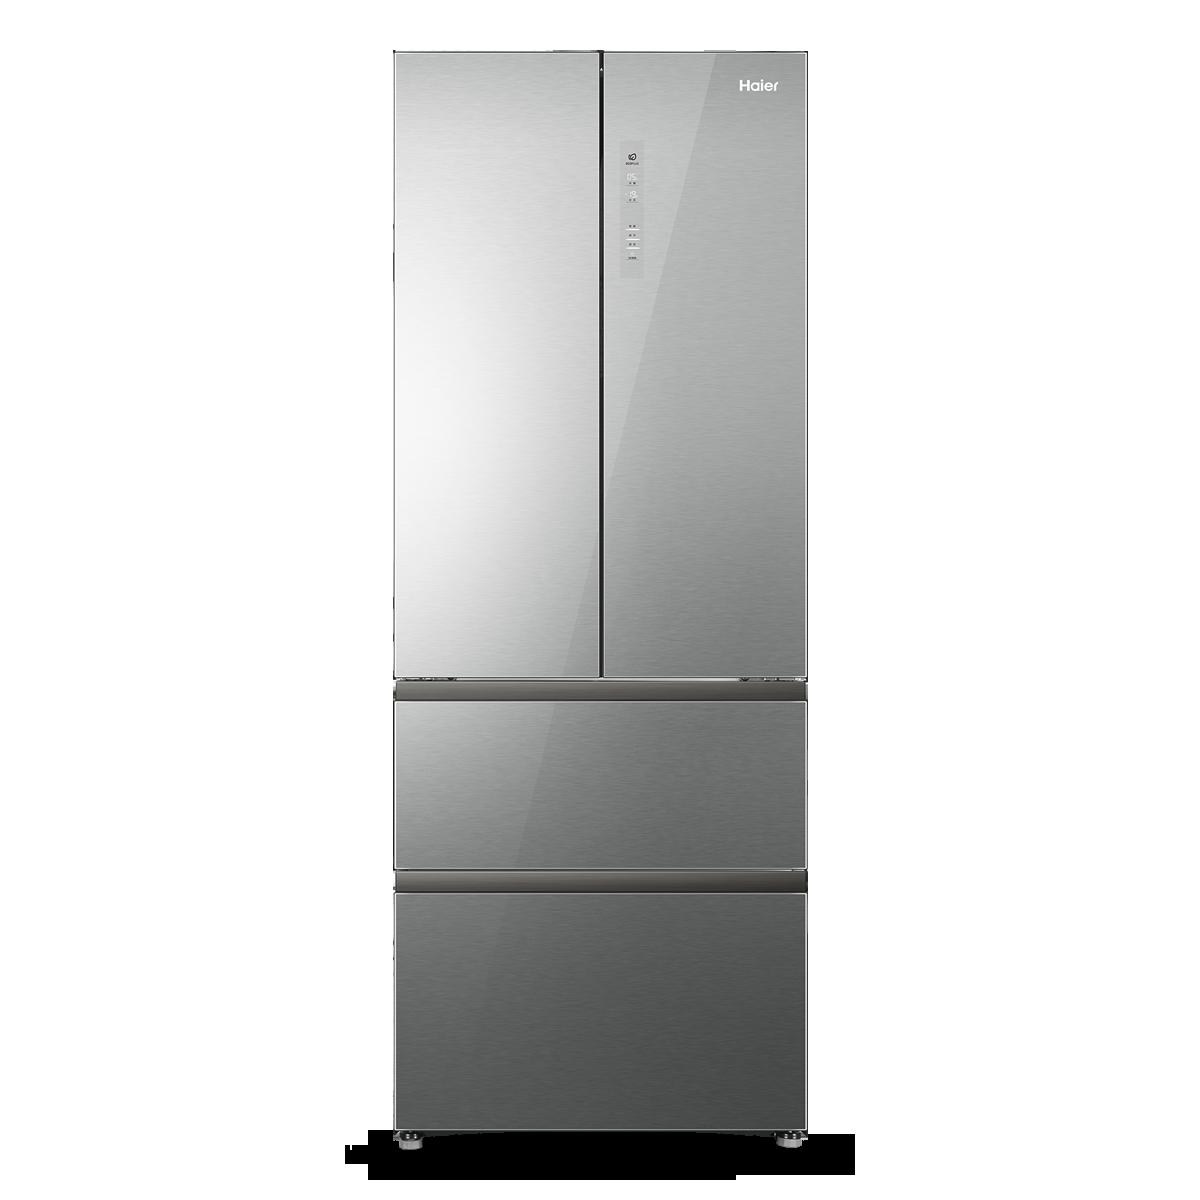 海尔Haier冰箱 BCD-436WDCNU1 说明书